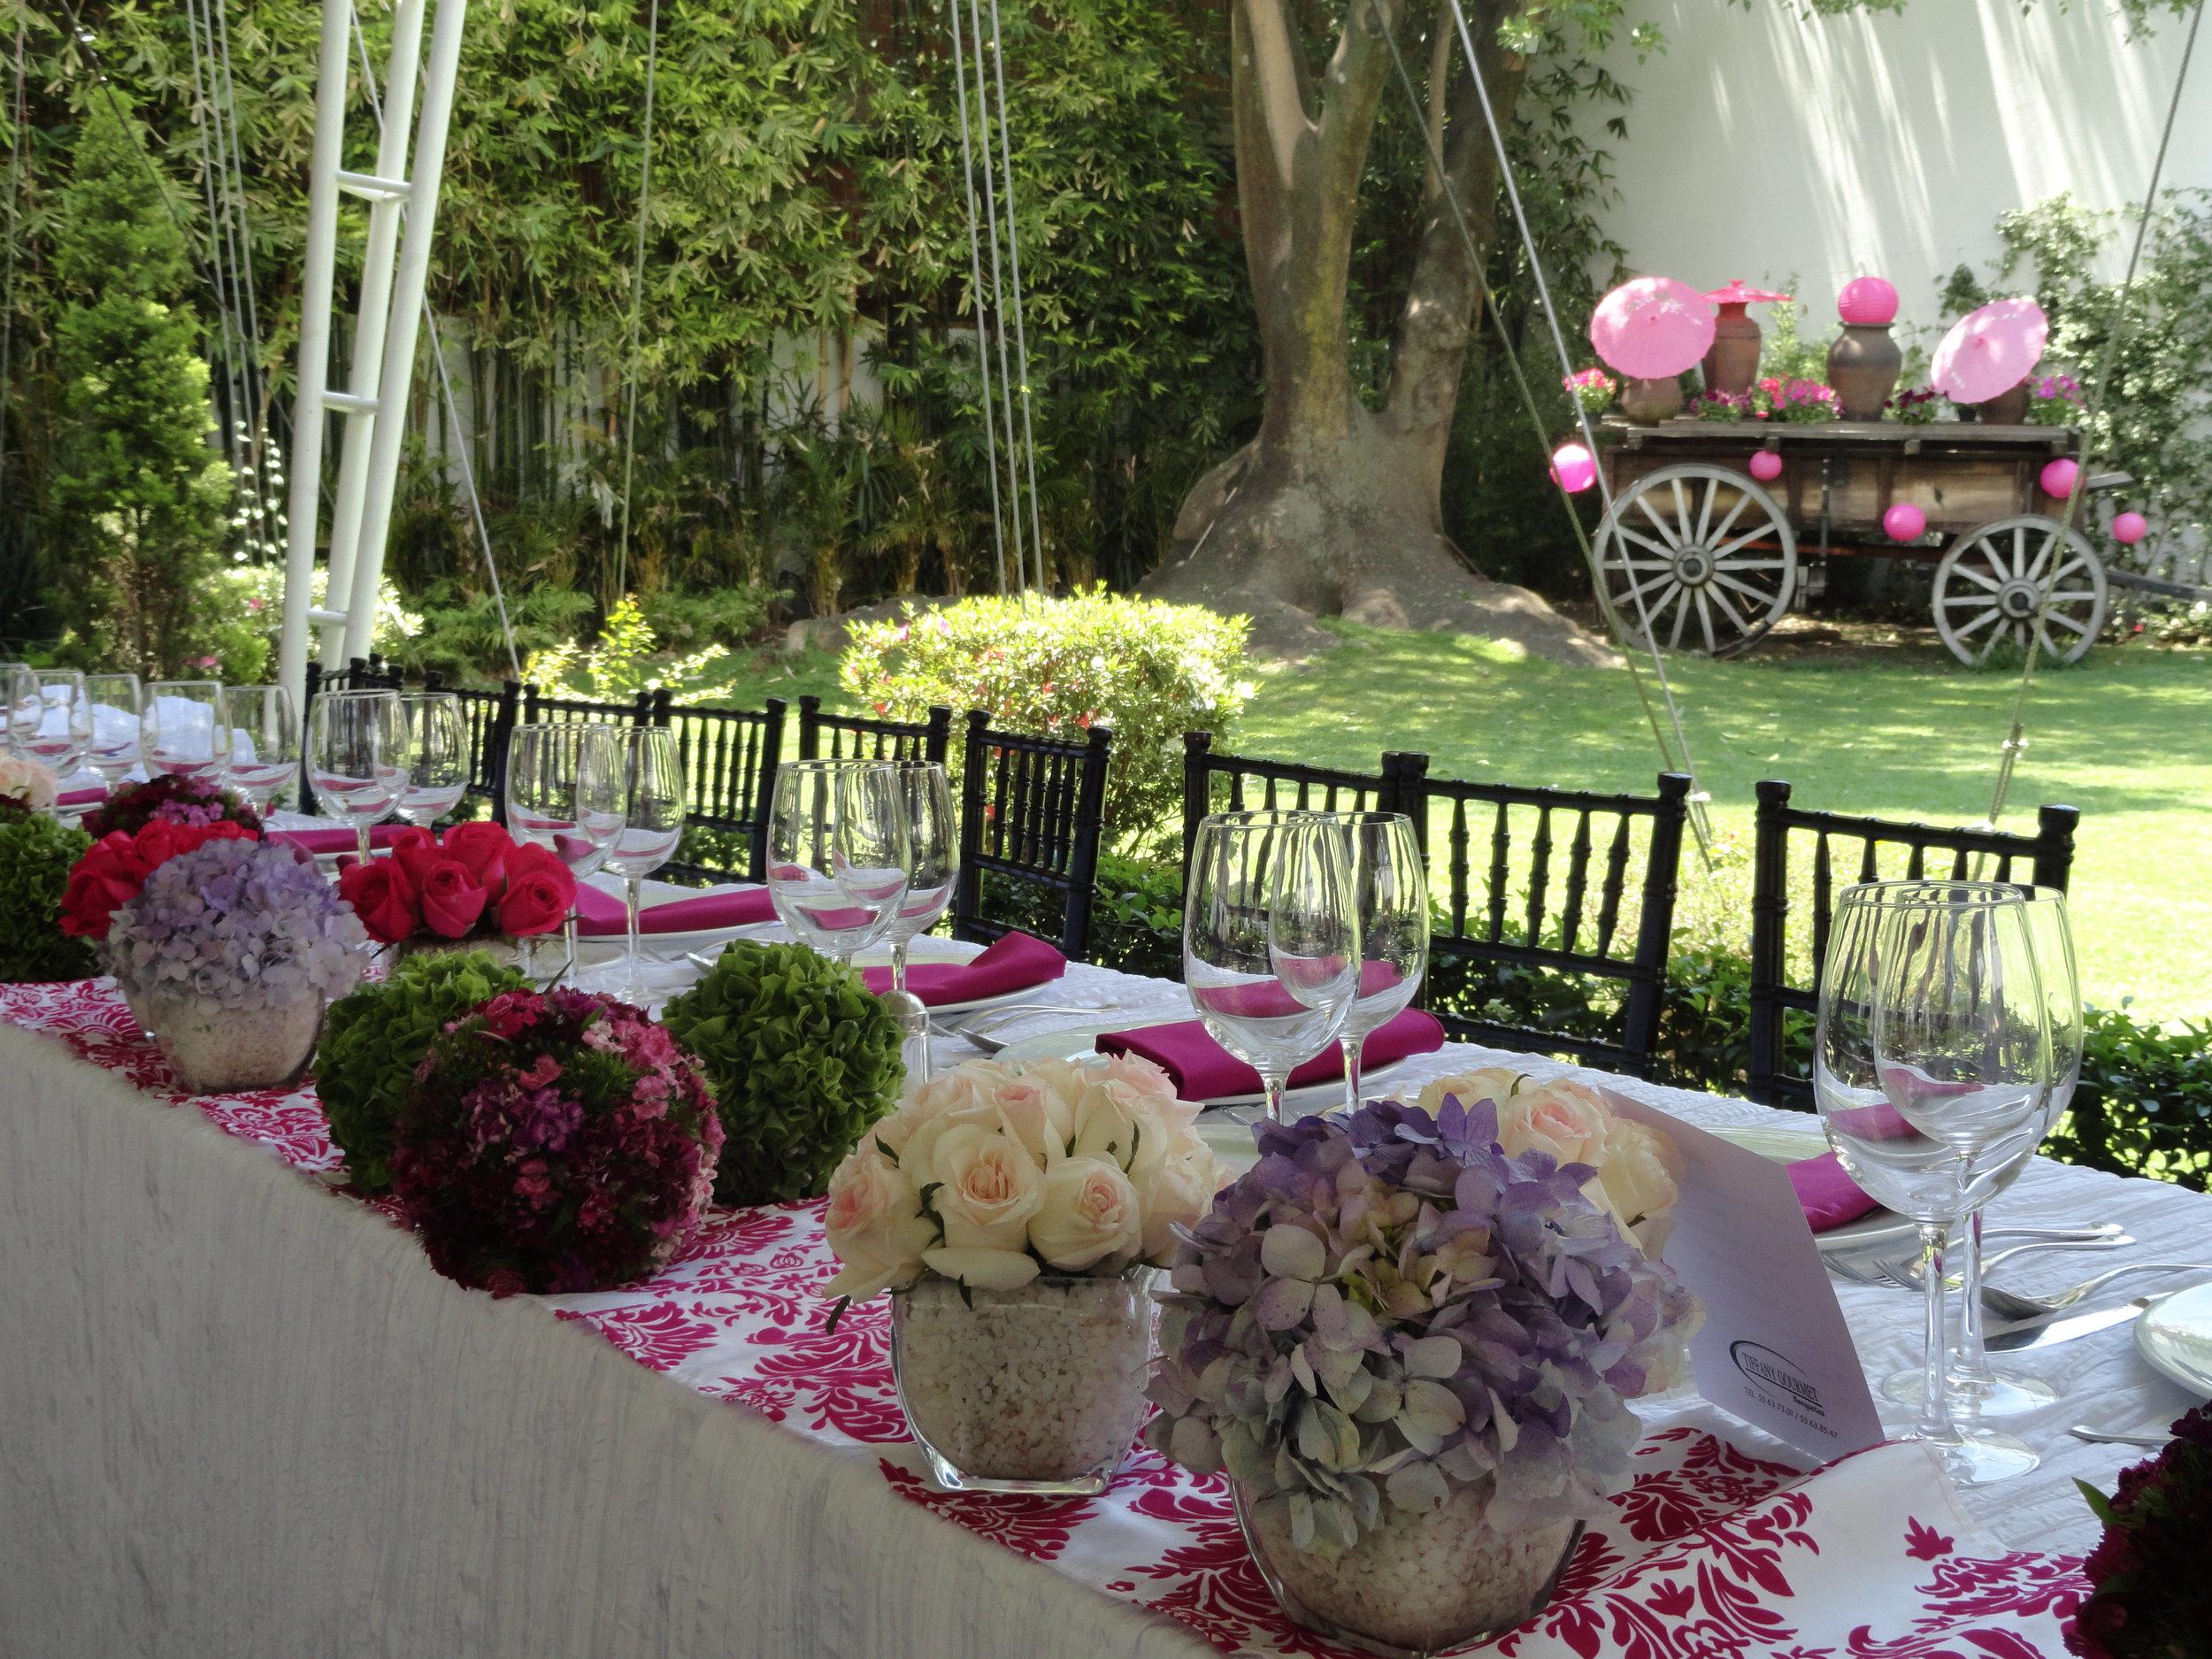 Decoración de bodas, carreta con flores y sombrillas.jpg